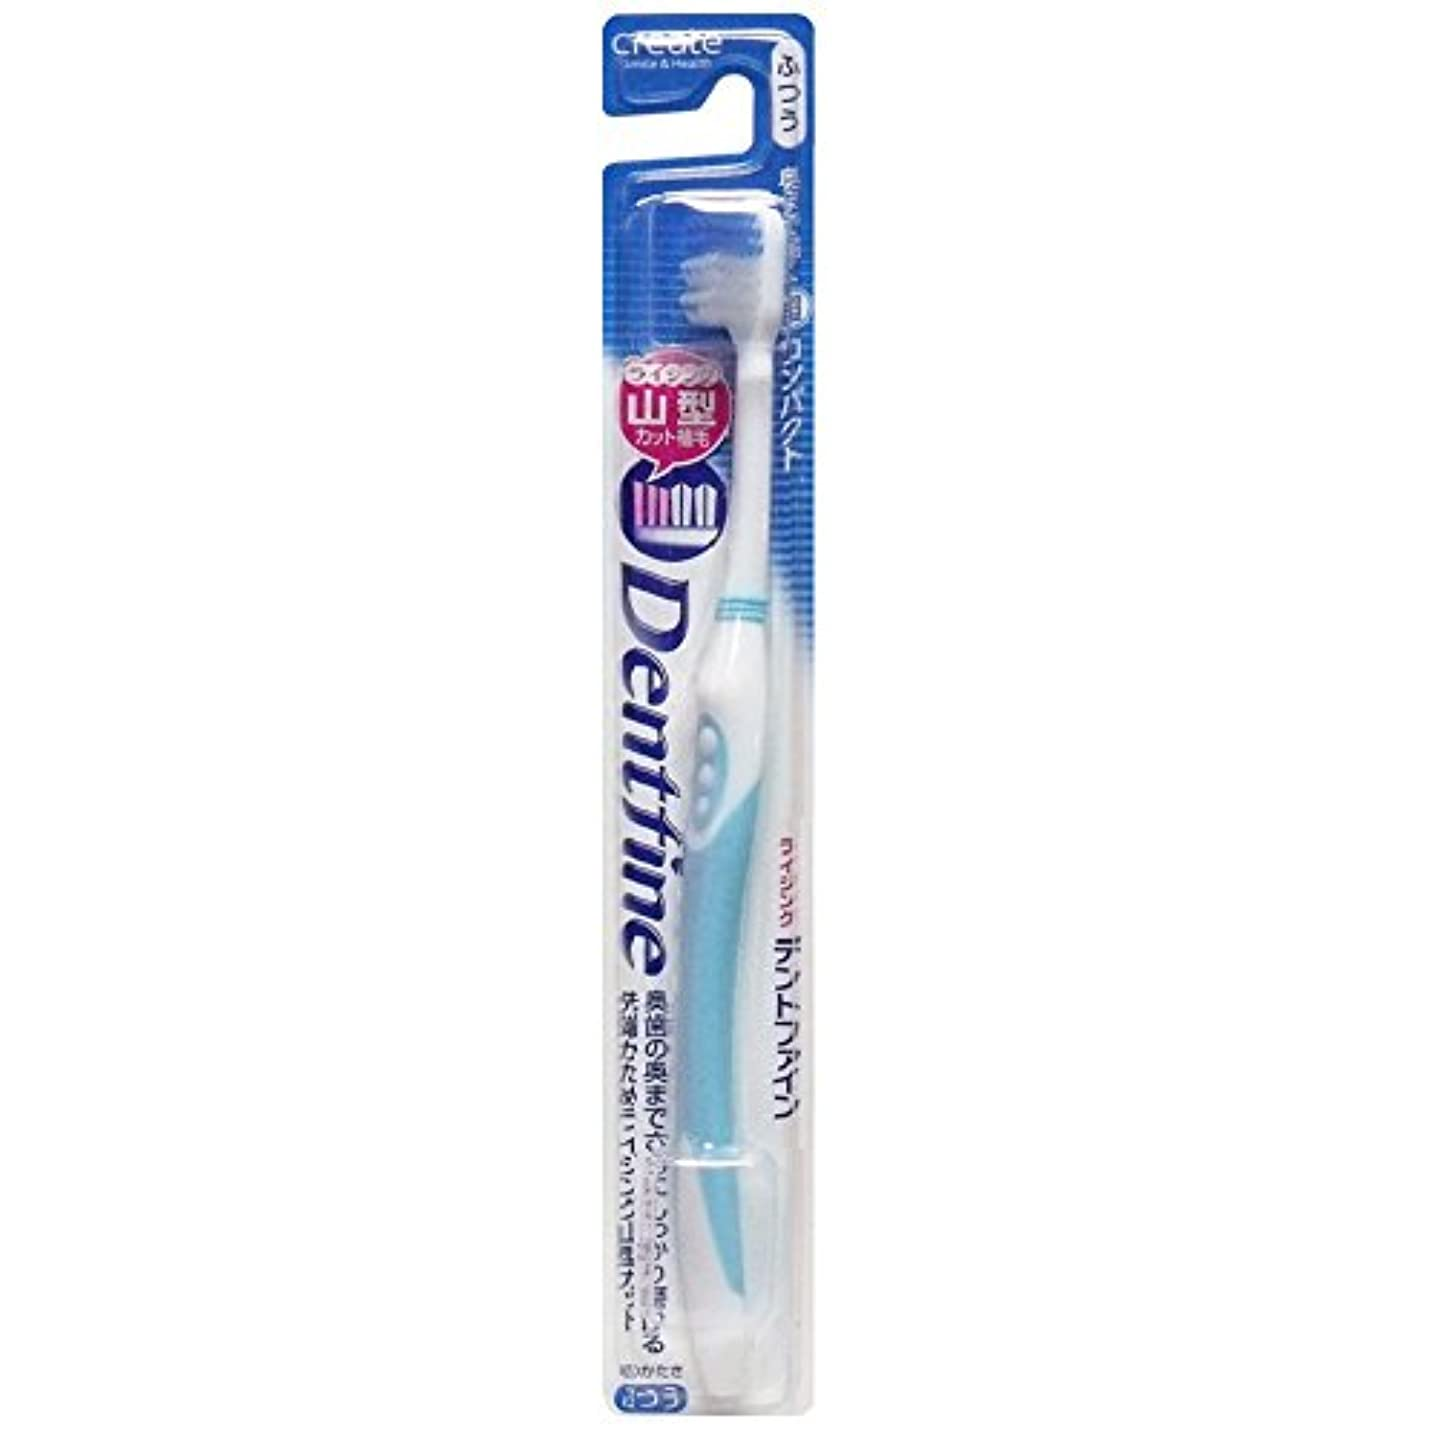 論争的セミナー泥沼デントファイン ピュアスタイル 山切りカット 歯ブラシ ふつう 1本:ブルー